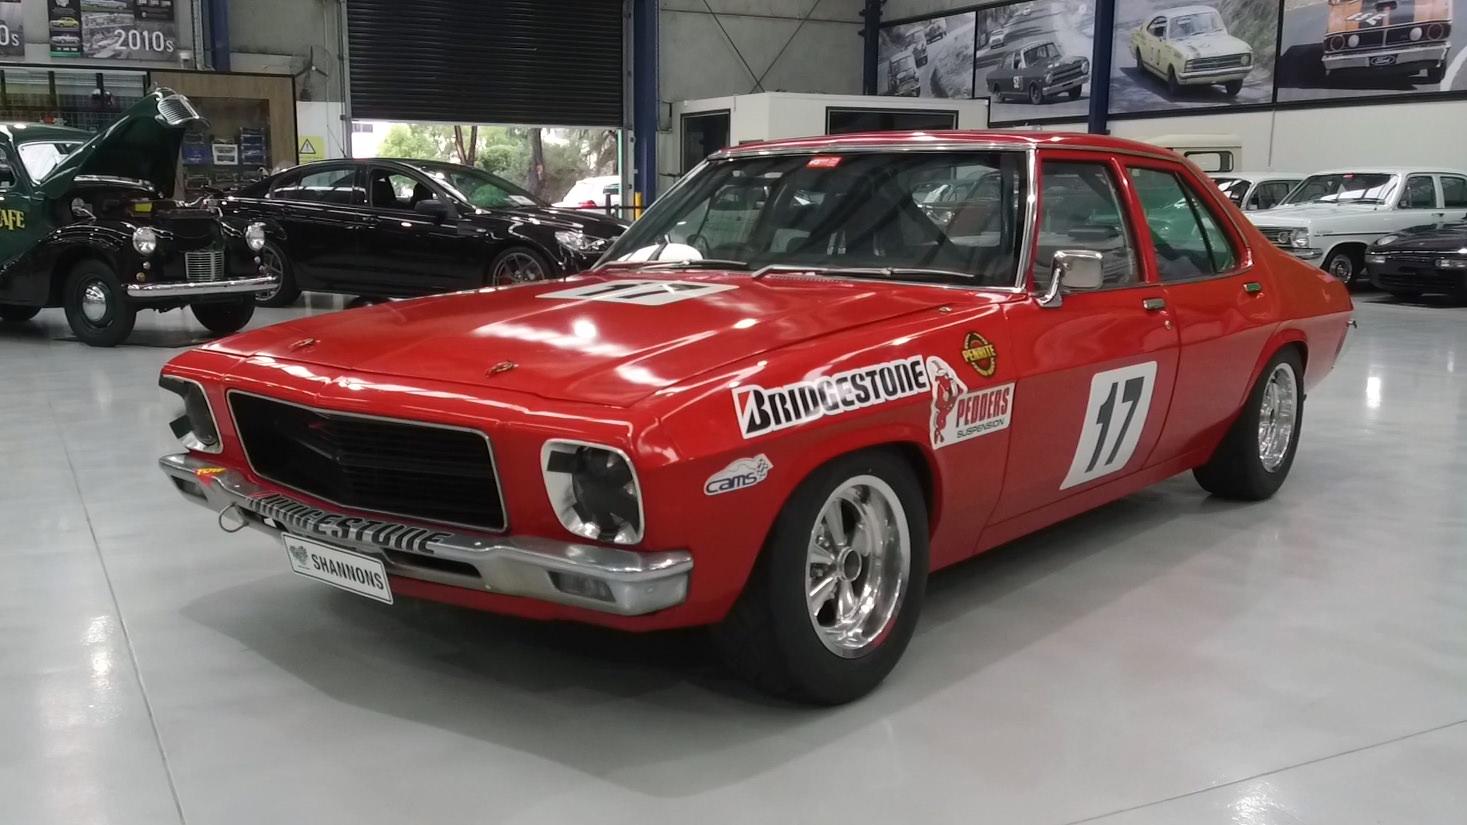 1973 Holden HQ Sedan 'Race Car' - 2021 Shannons Winter Timed Online Auction